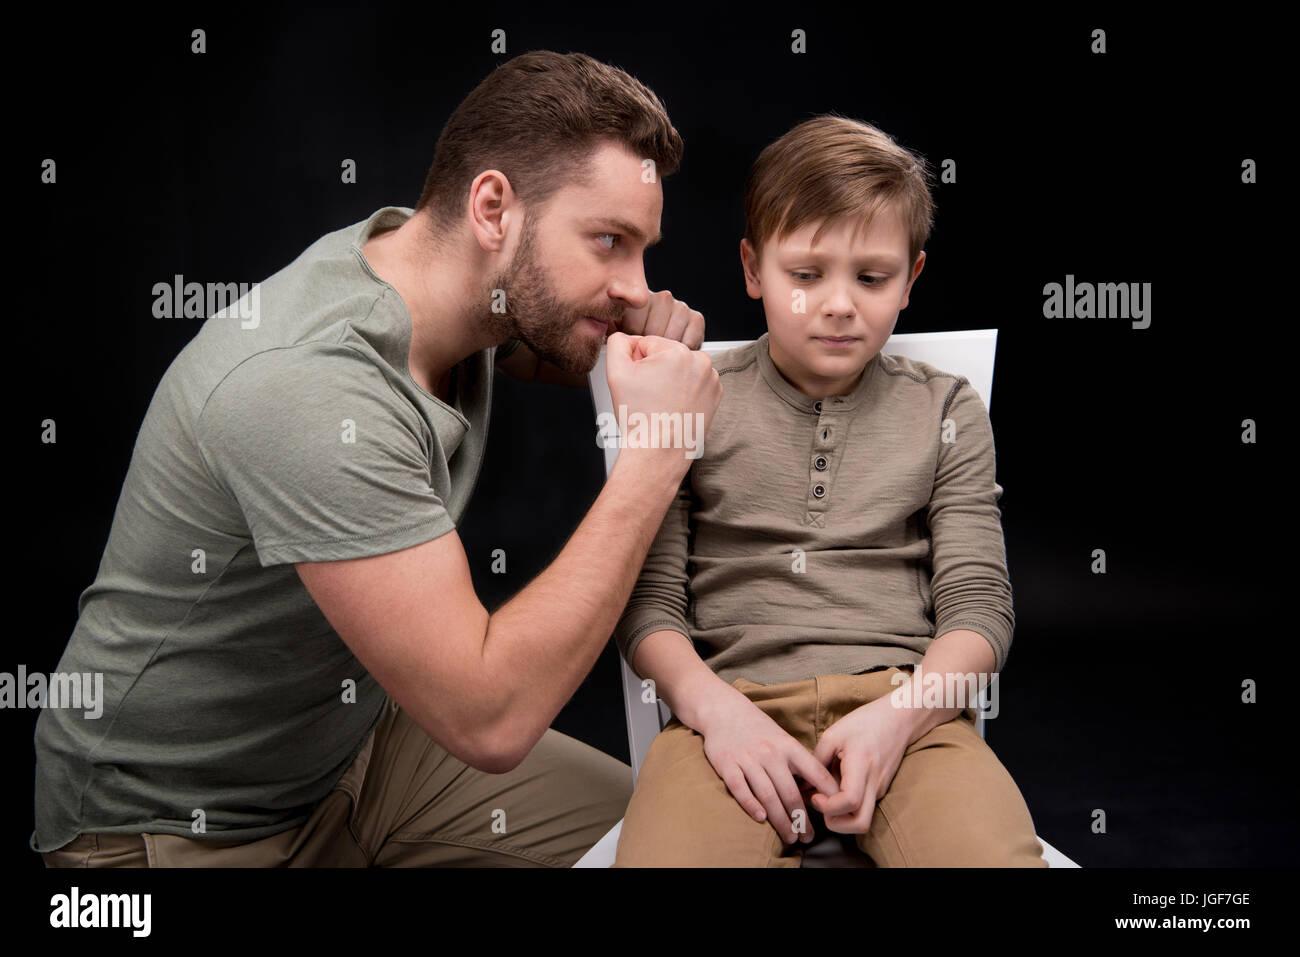 Arrabbiato padre minaccioso e gesti di paura piccolo figlio seduti su una sedia, problemi familiari concetto Immagini Stock